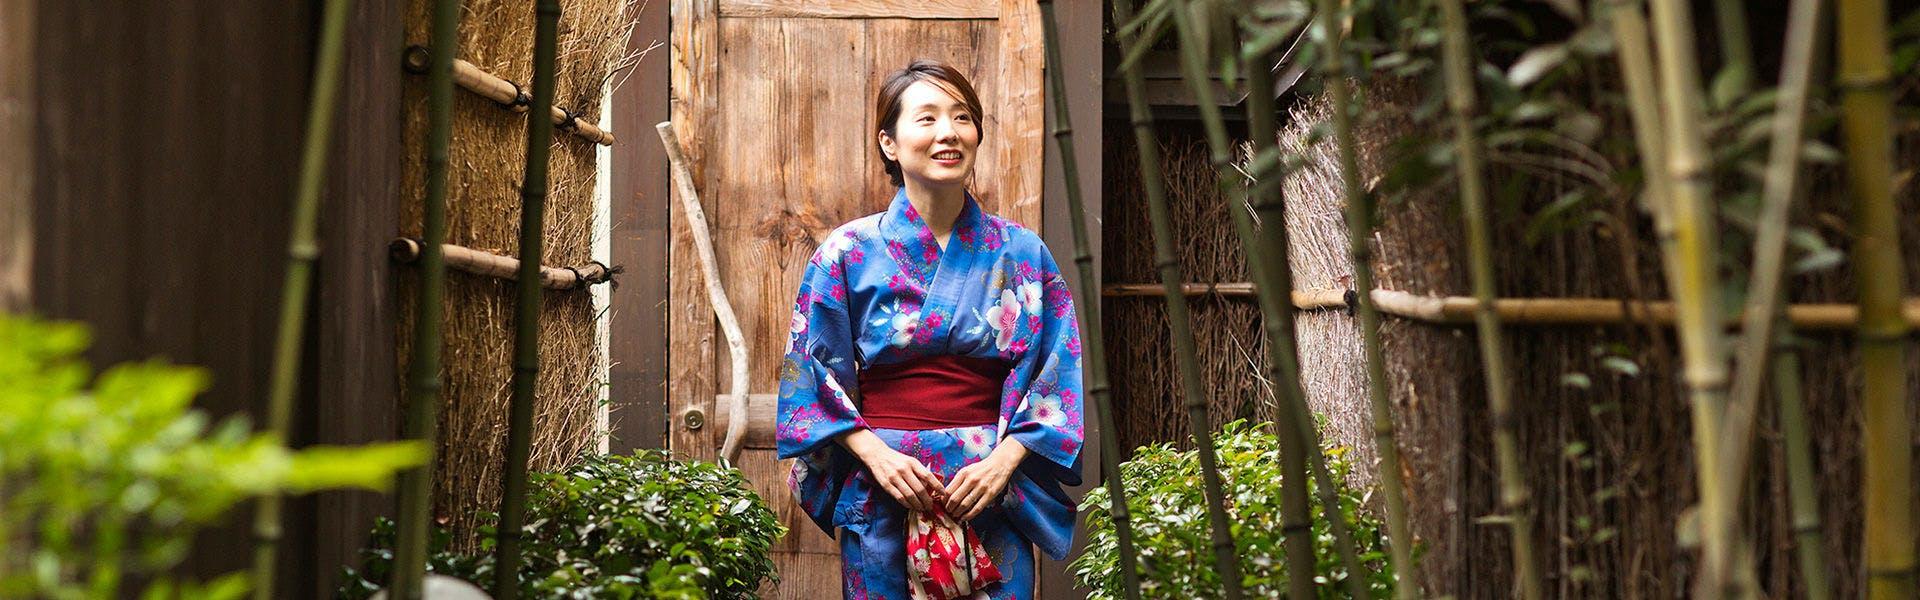 記念日におすすめのホテル・下呂温泉 こころをなでる静寂 みやこの写真3